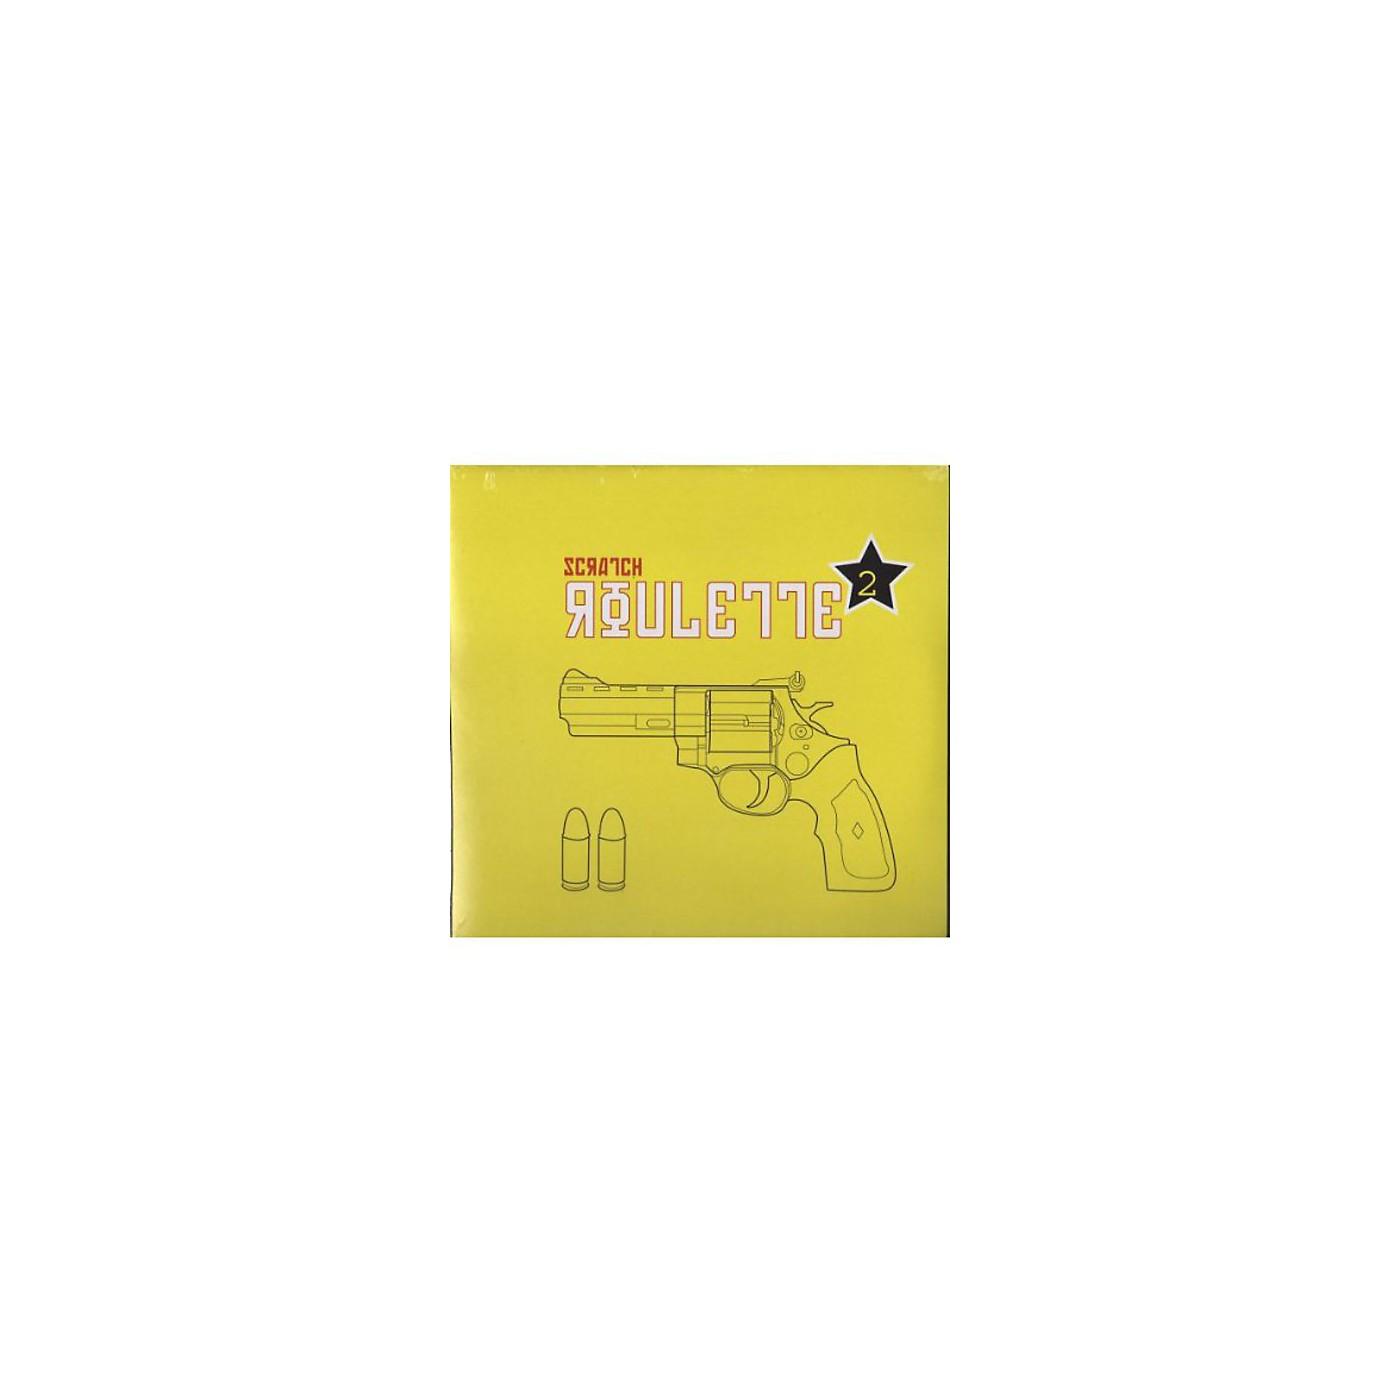 Alliance DJ JS-1 - Scratch Roulette 45 thumbnail